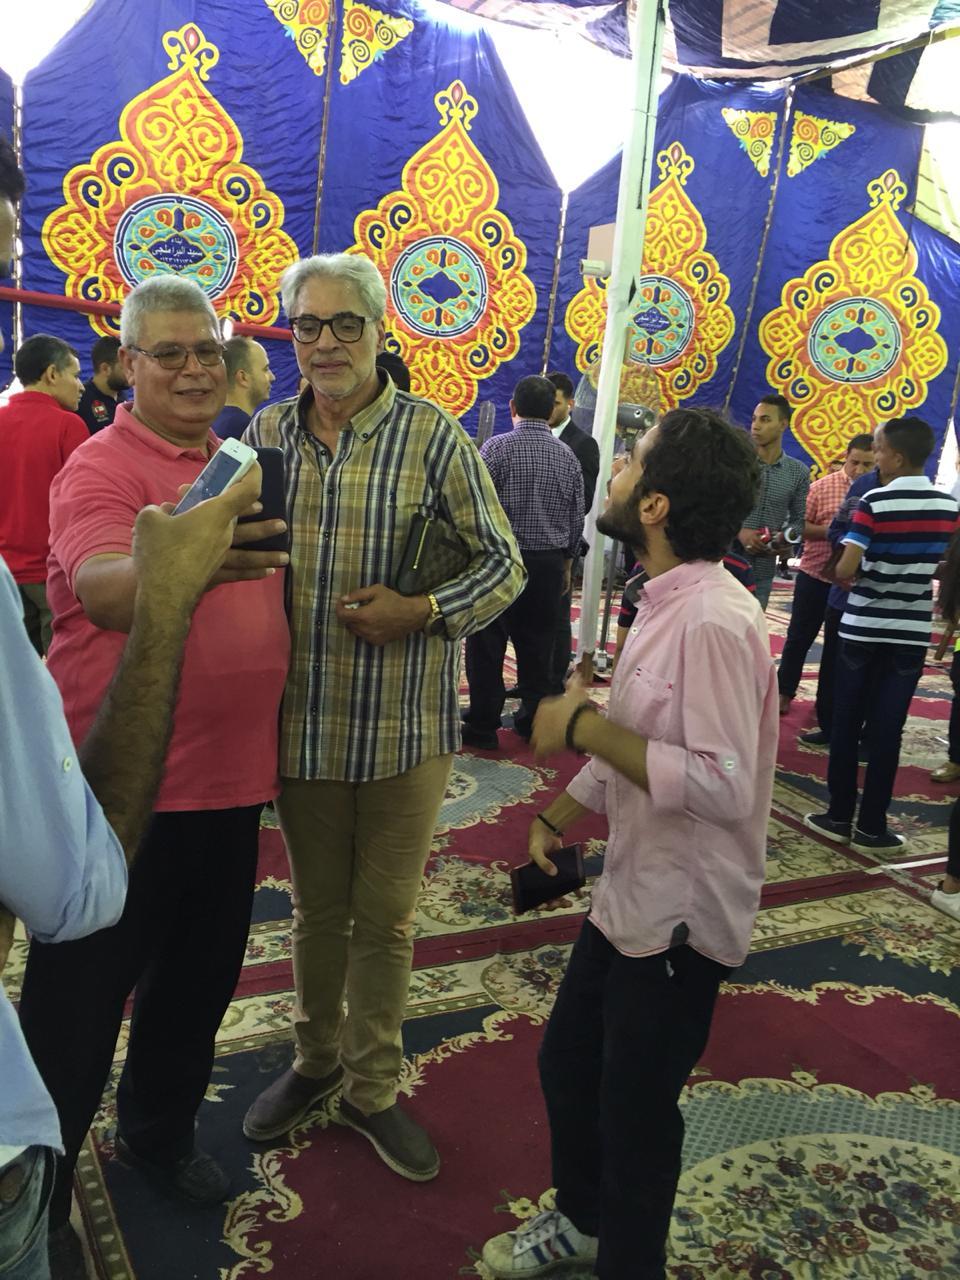 أحمد ناجى مدرب حراس المنتخب الوطنى